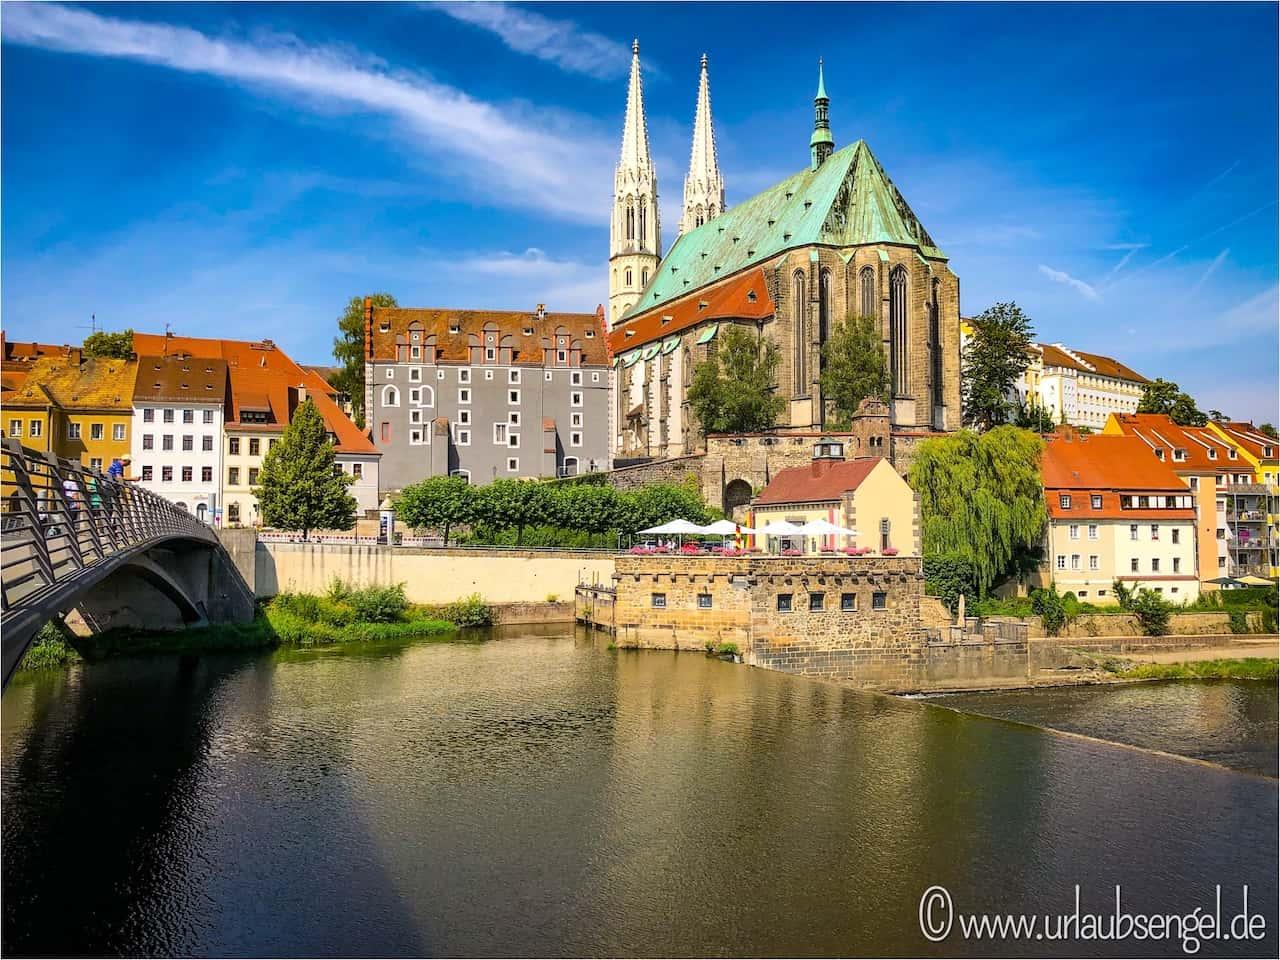 Peter & Paul Pfarrkirche in Görlitz